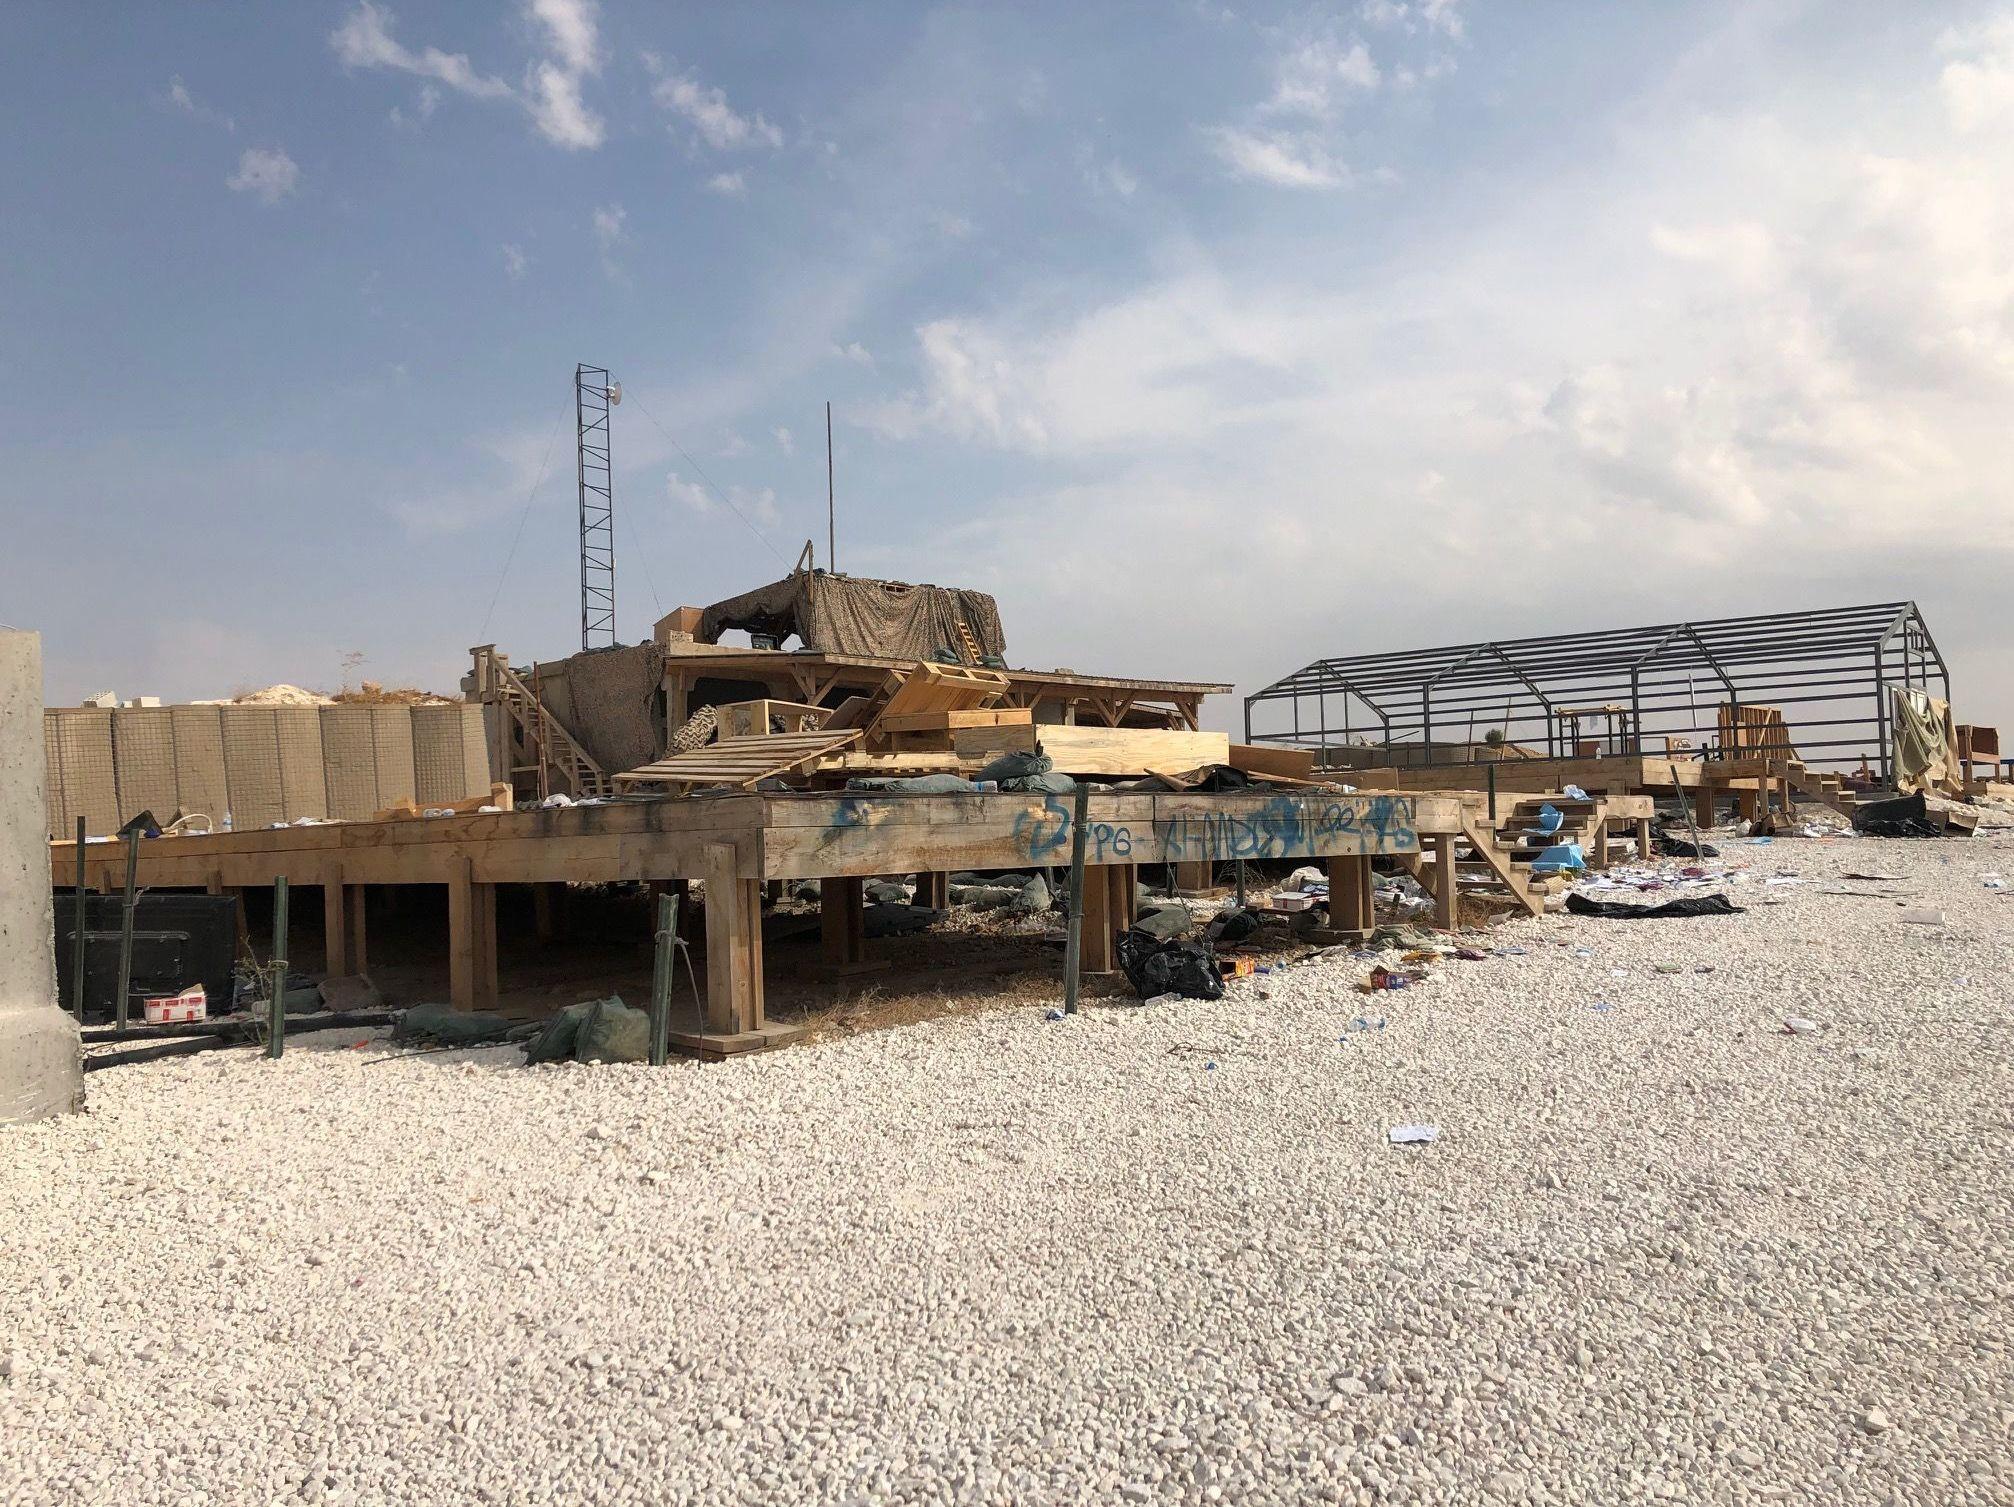 Estruturas de madeira e ferro abandonadas na base de coordenação aérea do Exército dos EUA, em Dadat, nos arredores de Manbij, nordeste da Síria